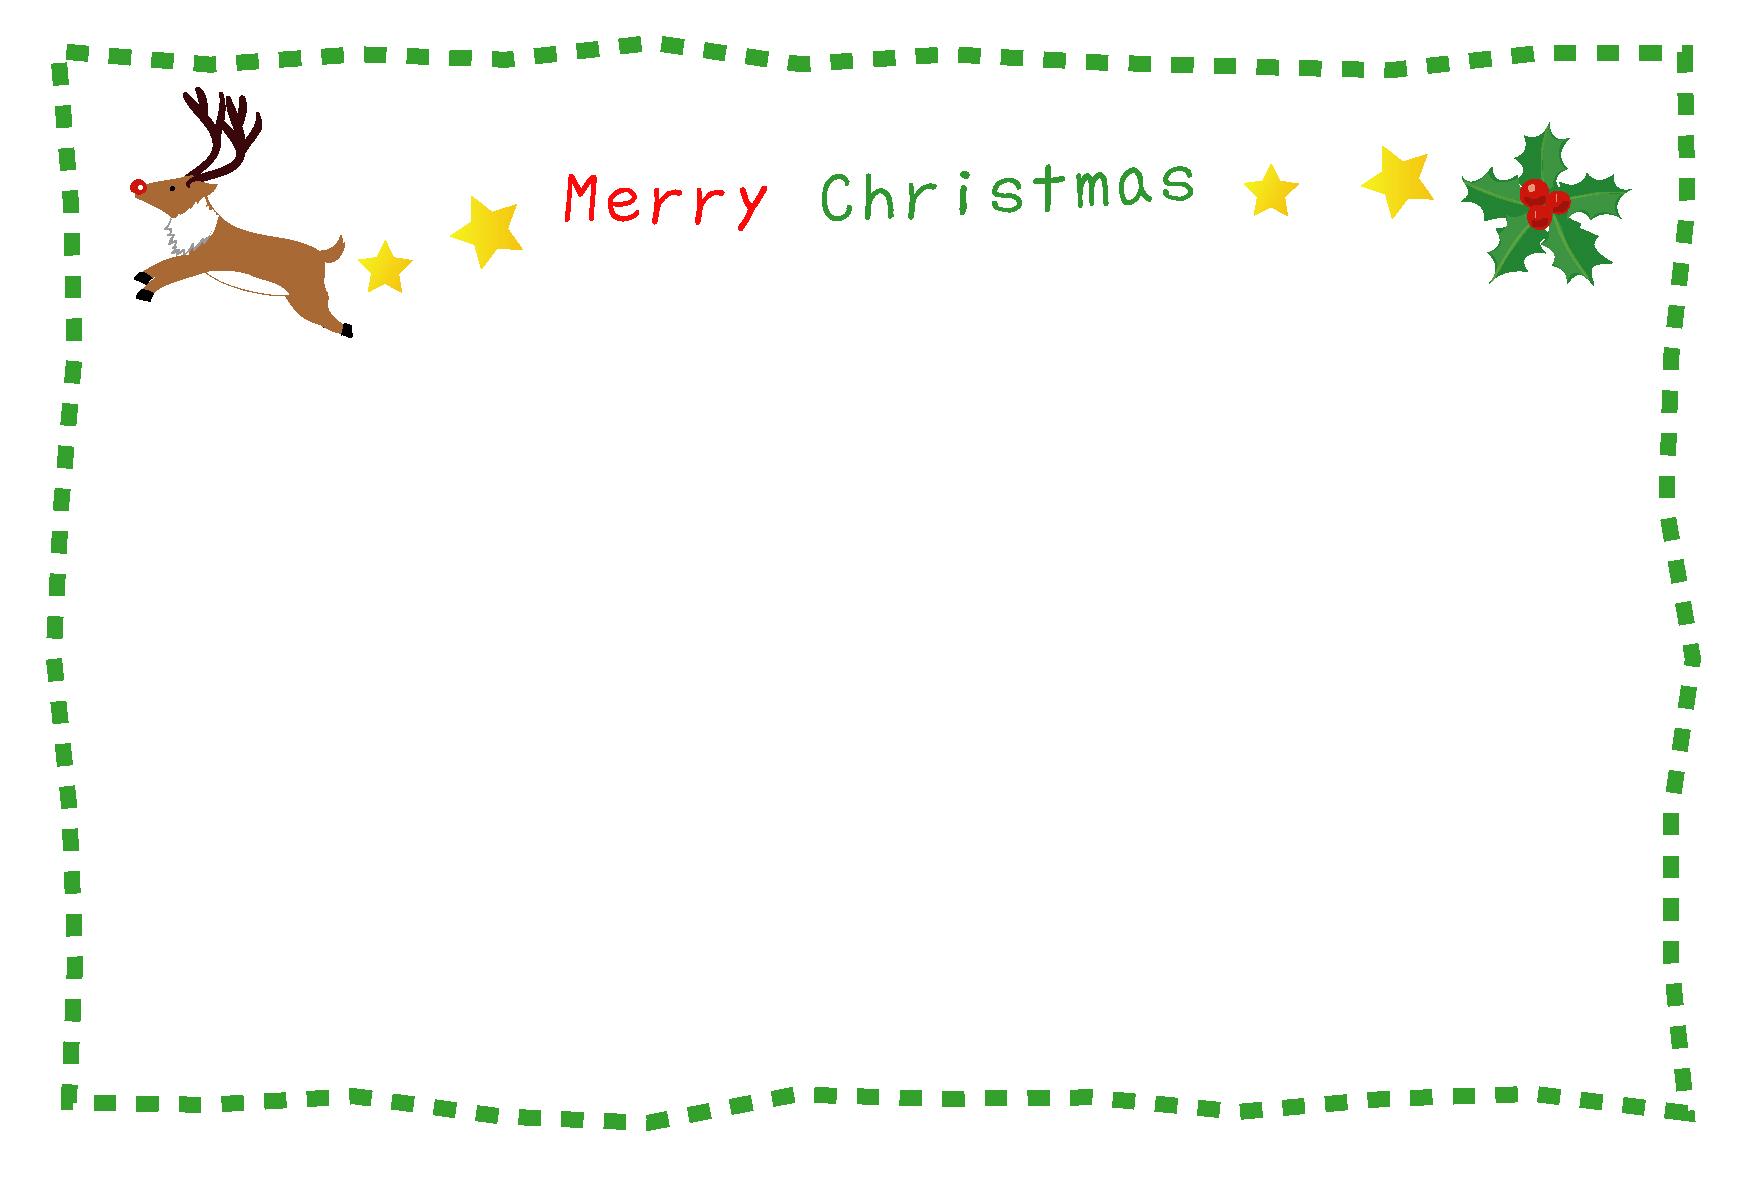 クリスマスカードテンプレート ... : かわいい 便箋 テンプレート : すべての講義